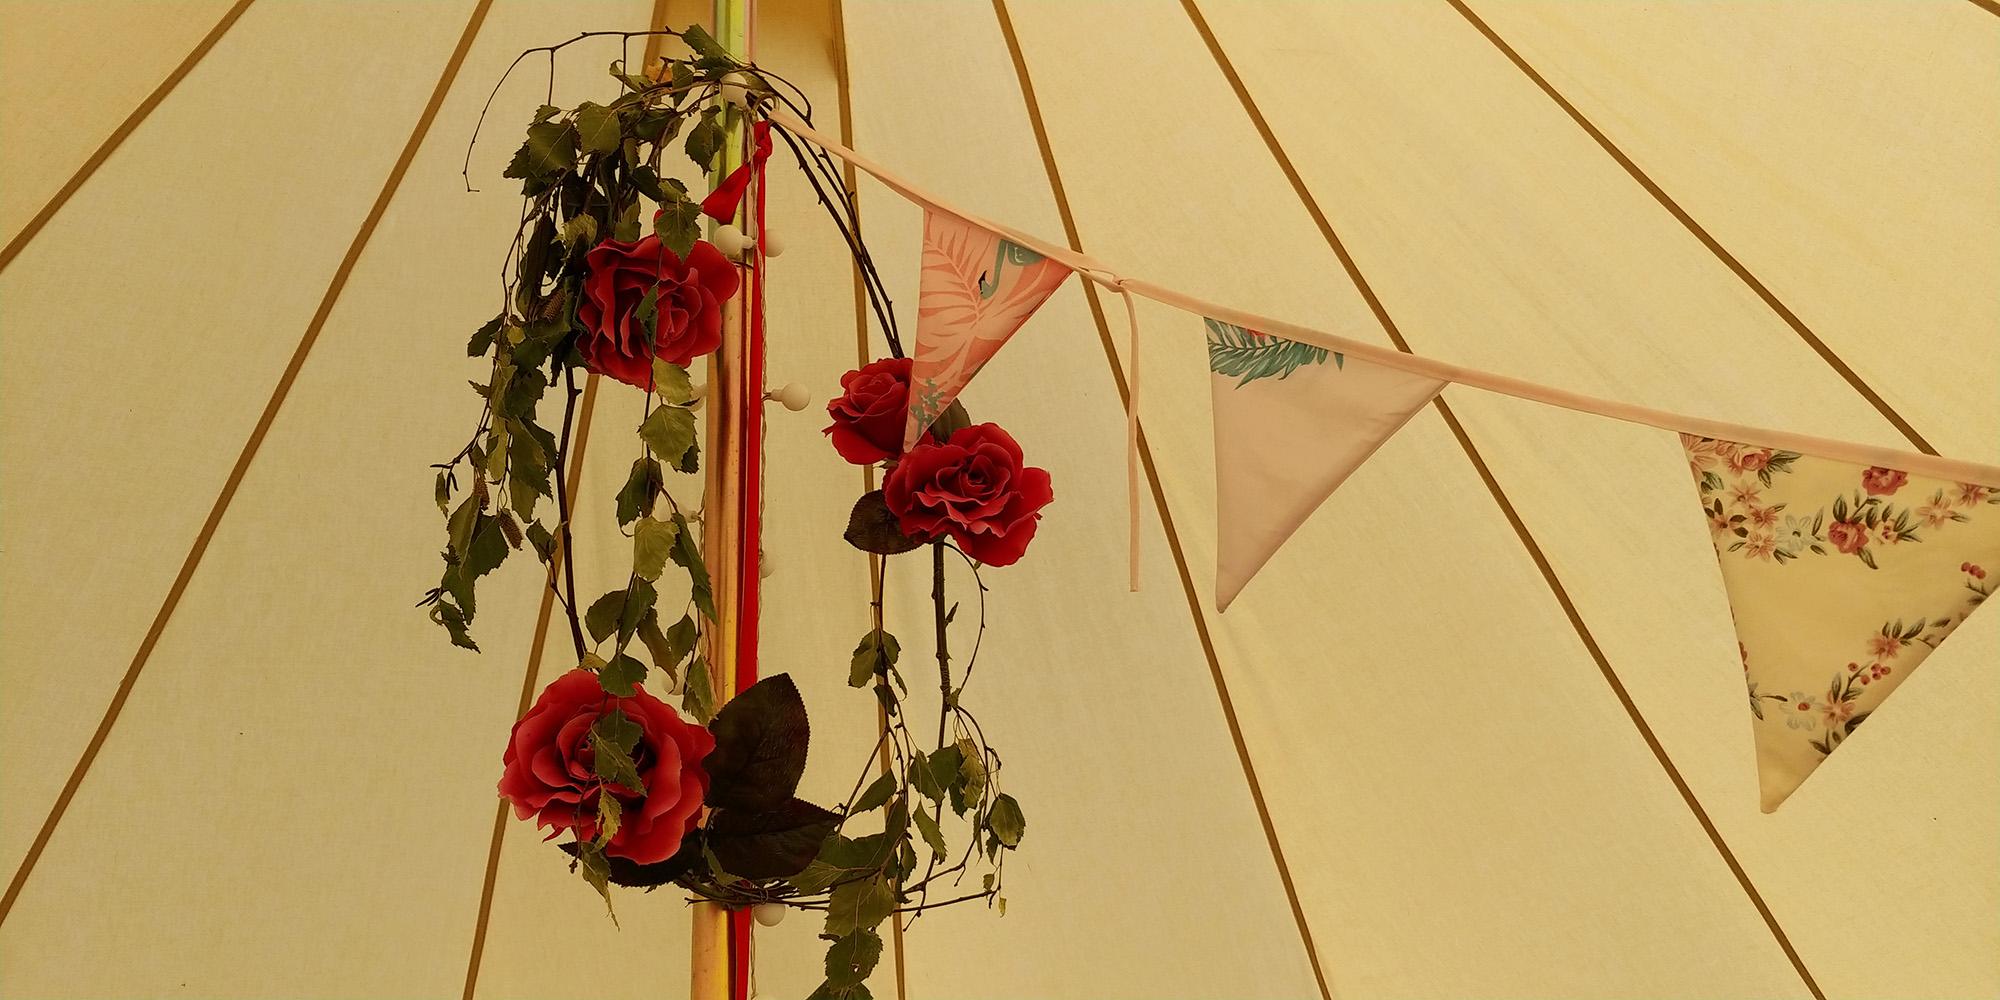 STN-IoW-Fakenham-Farm-Campsite-Ceiling.jpg